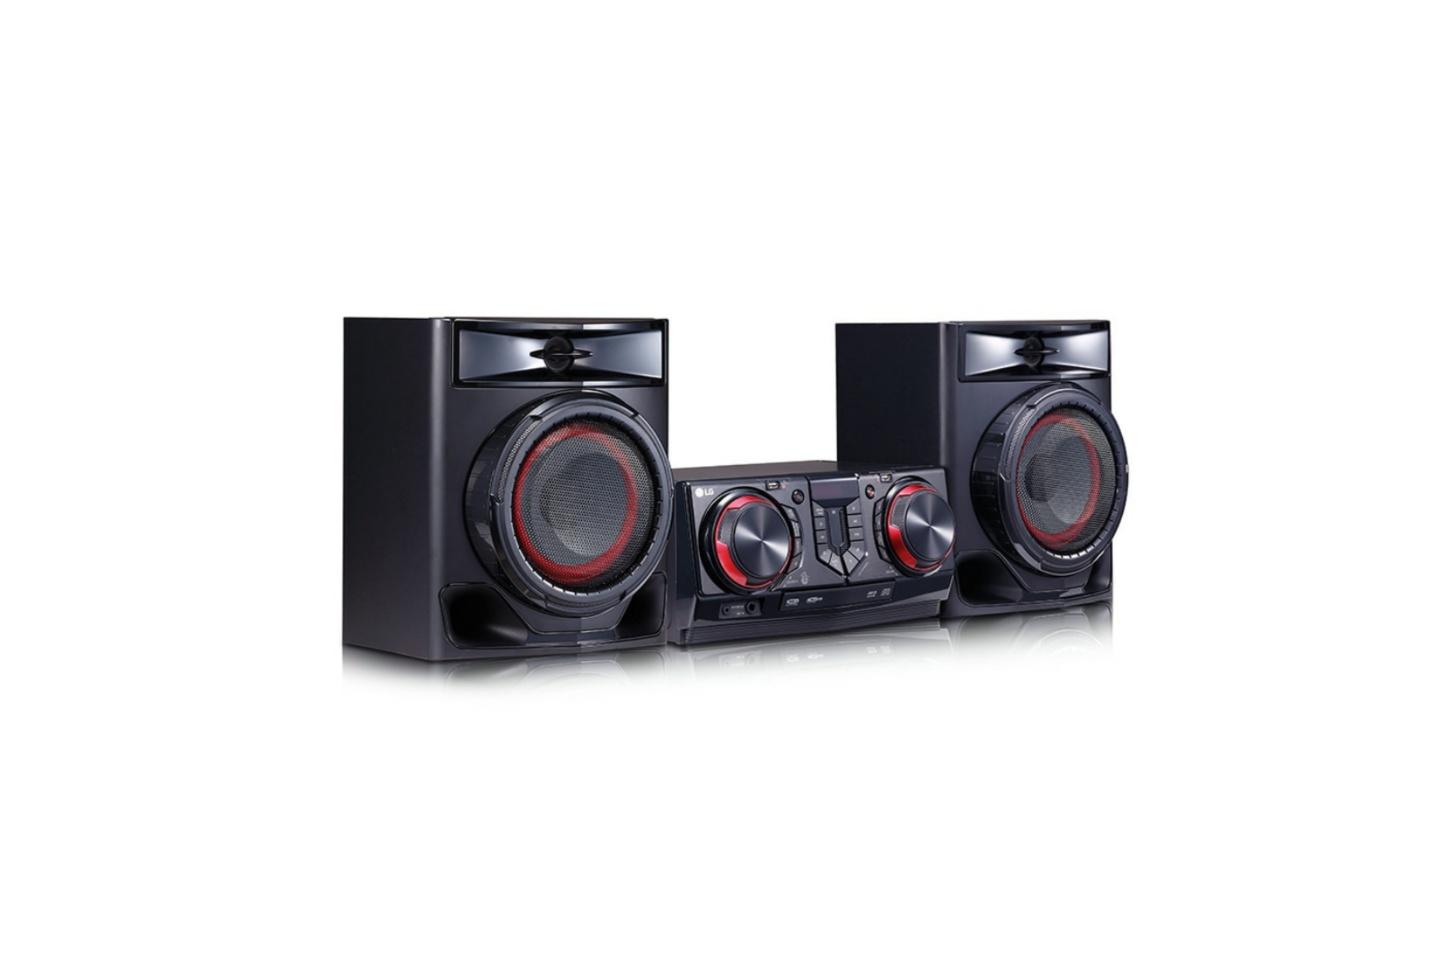 LG XBOOM CJ44 480 watts